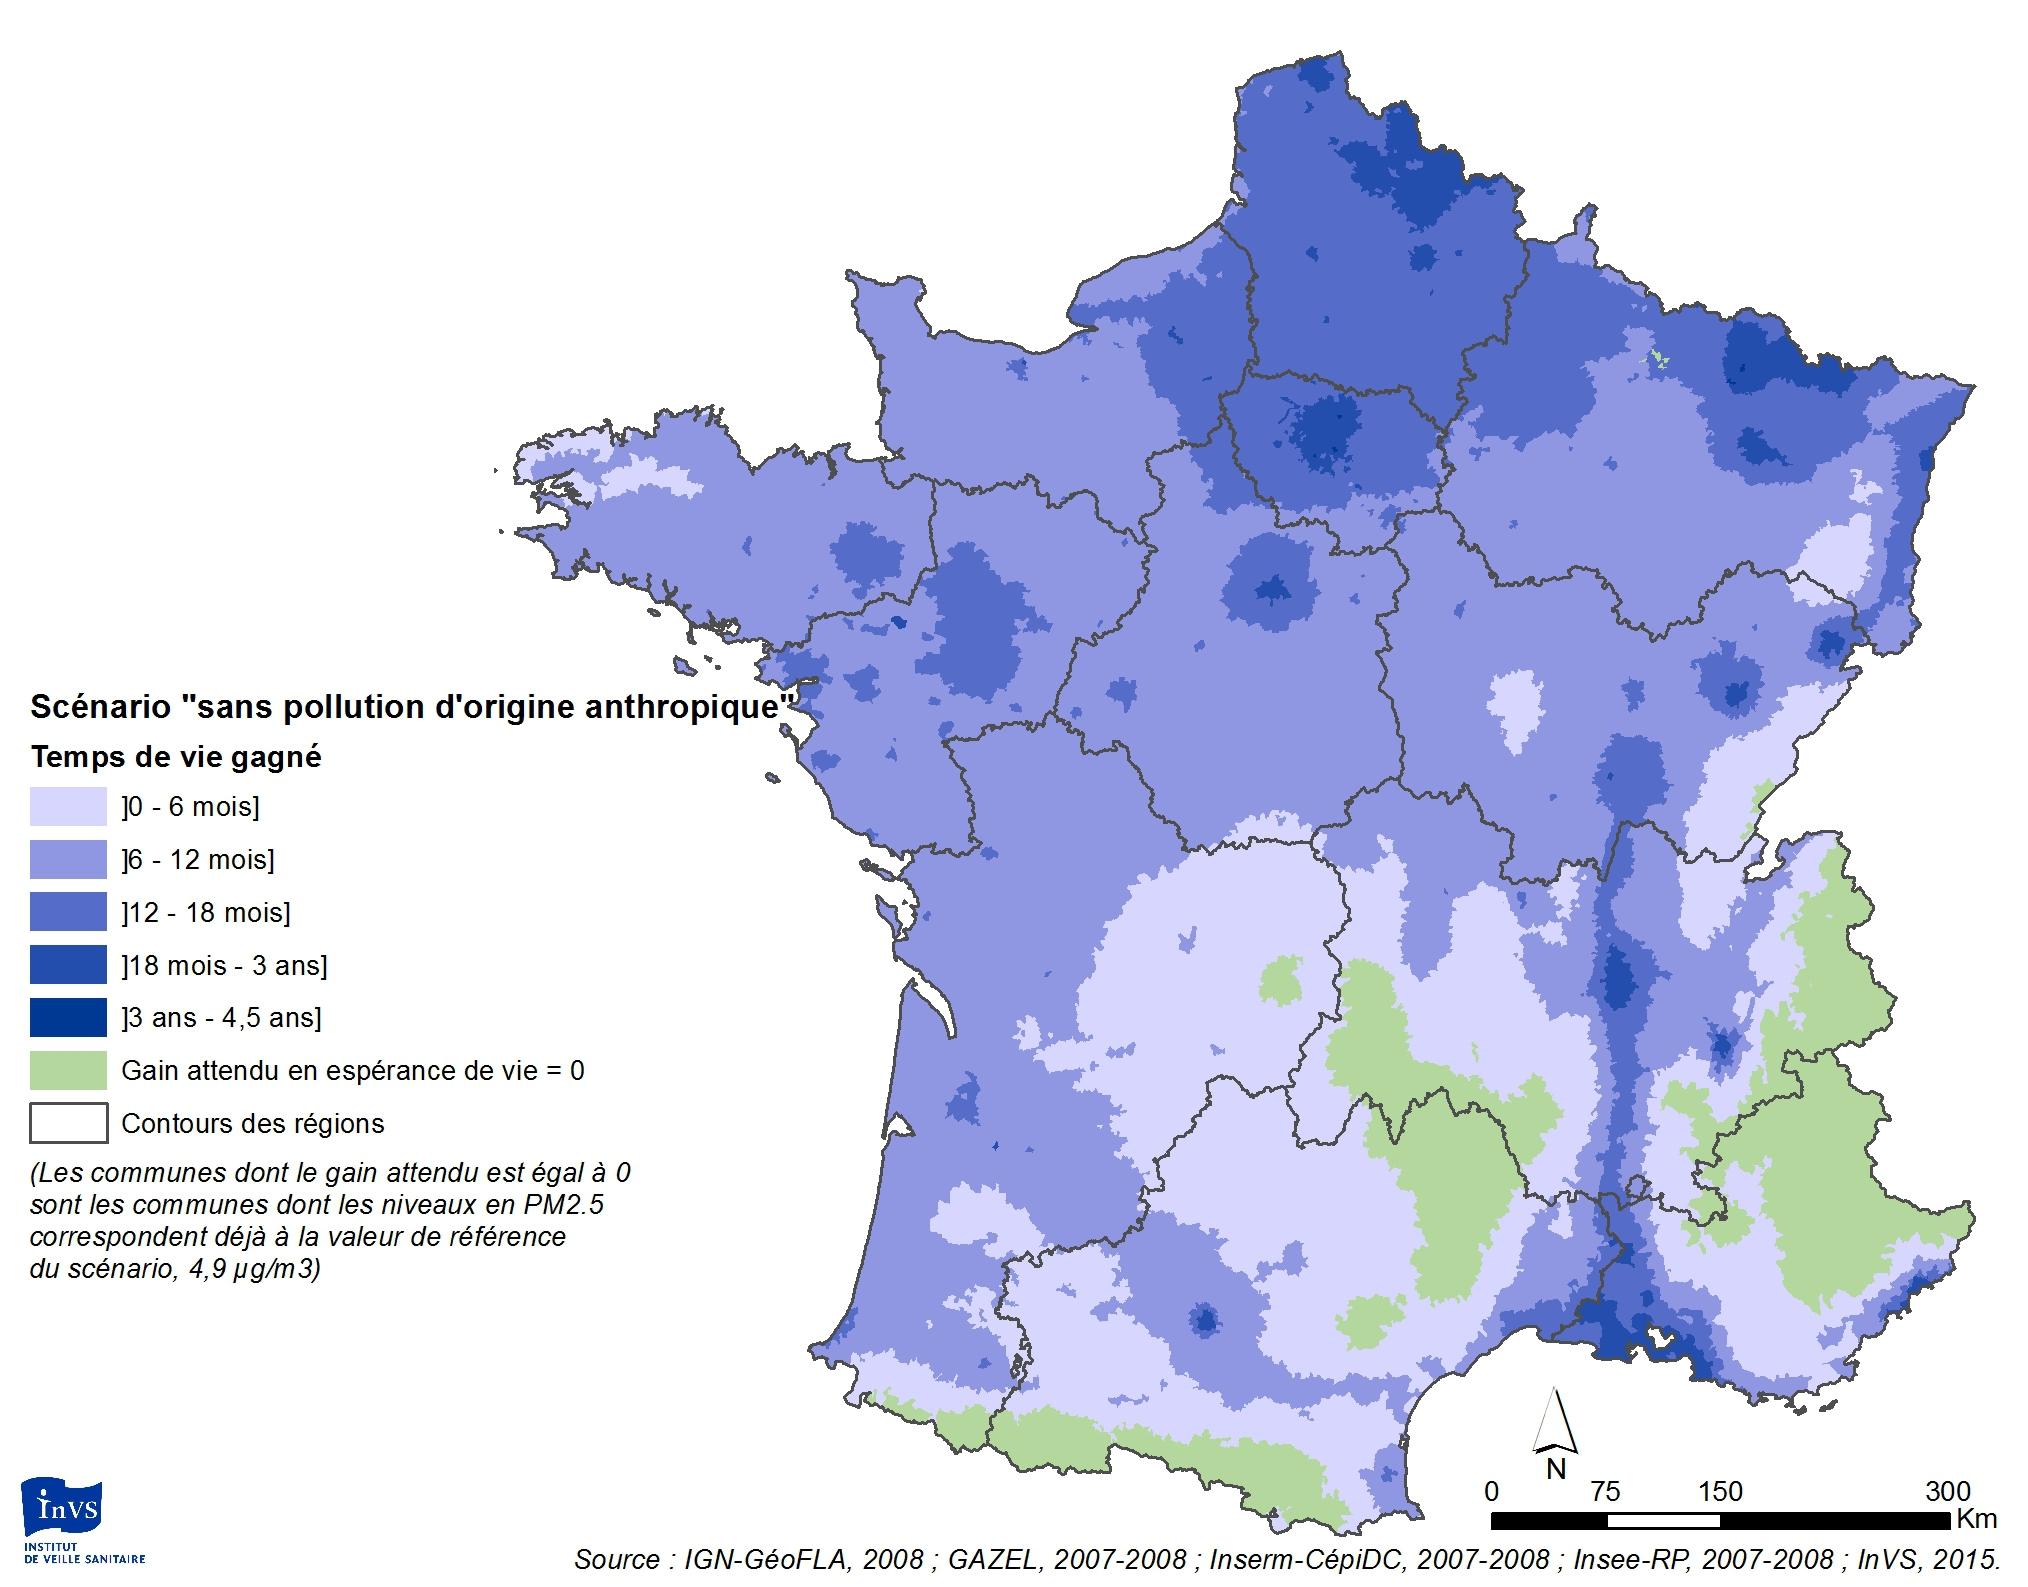 Cartes. Combien D'années D'espérance De Vie Gagneriez-Vous avec Combien De Region En France